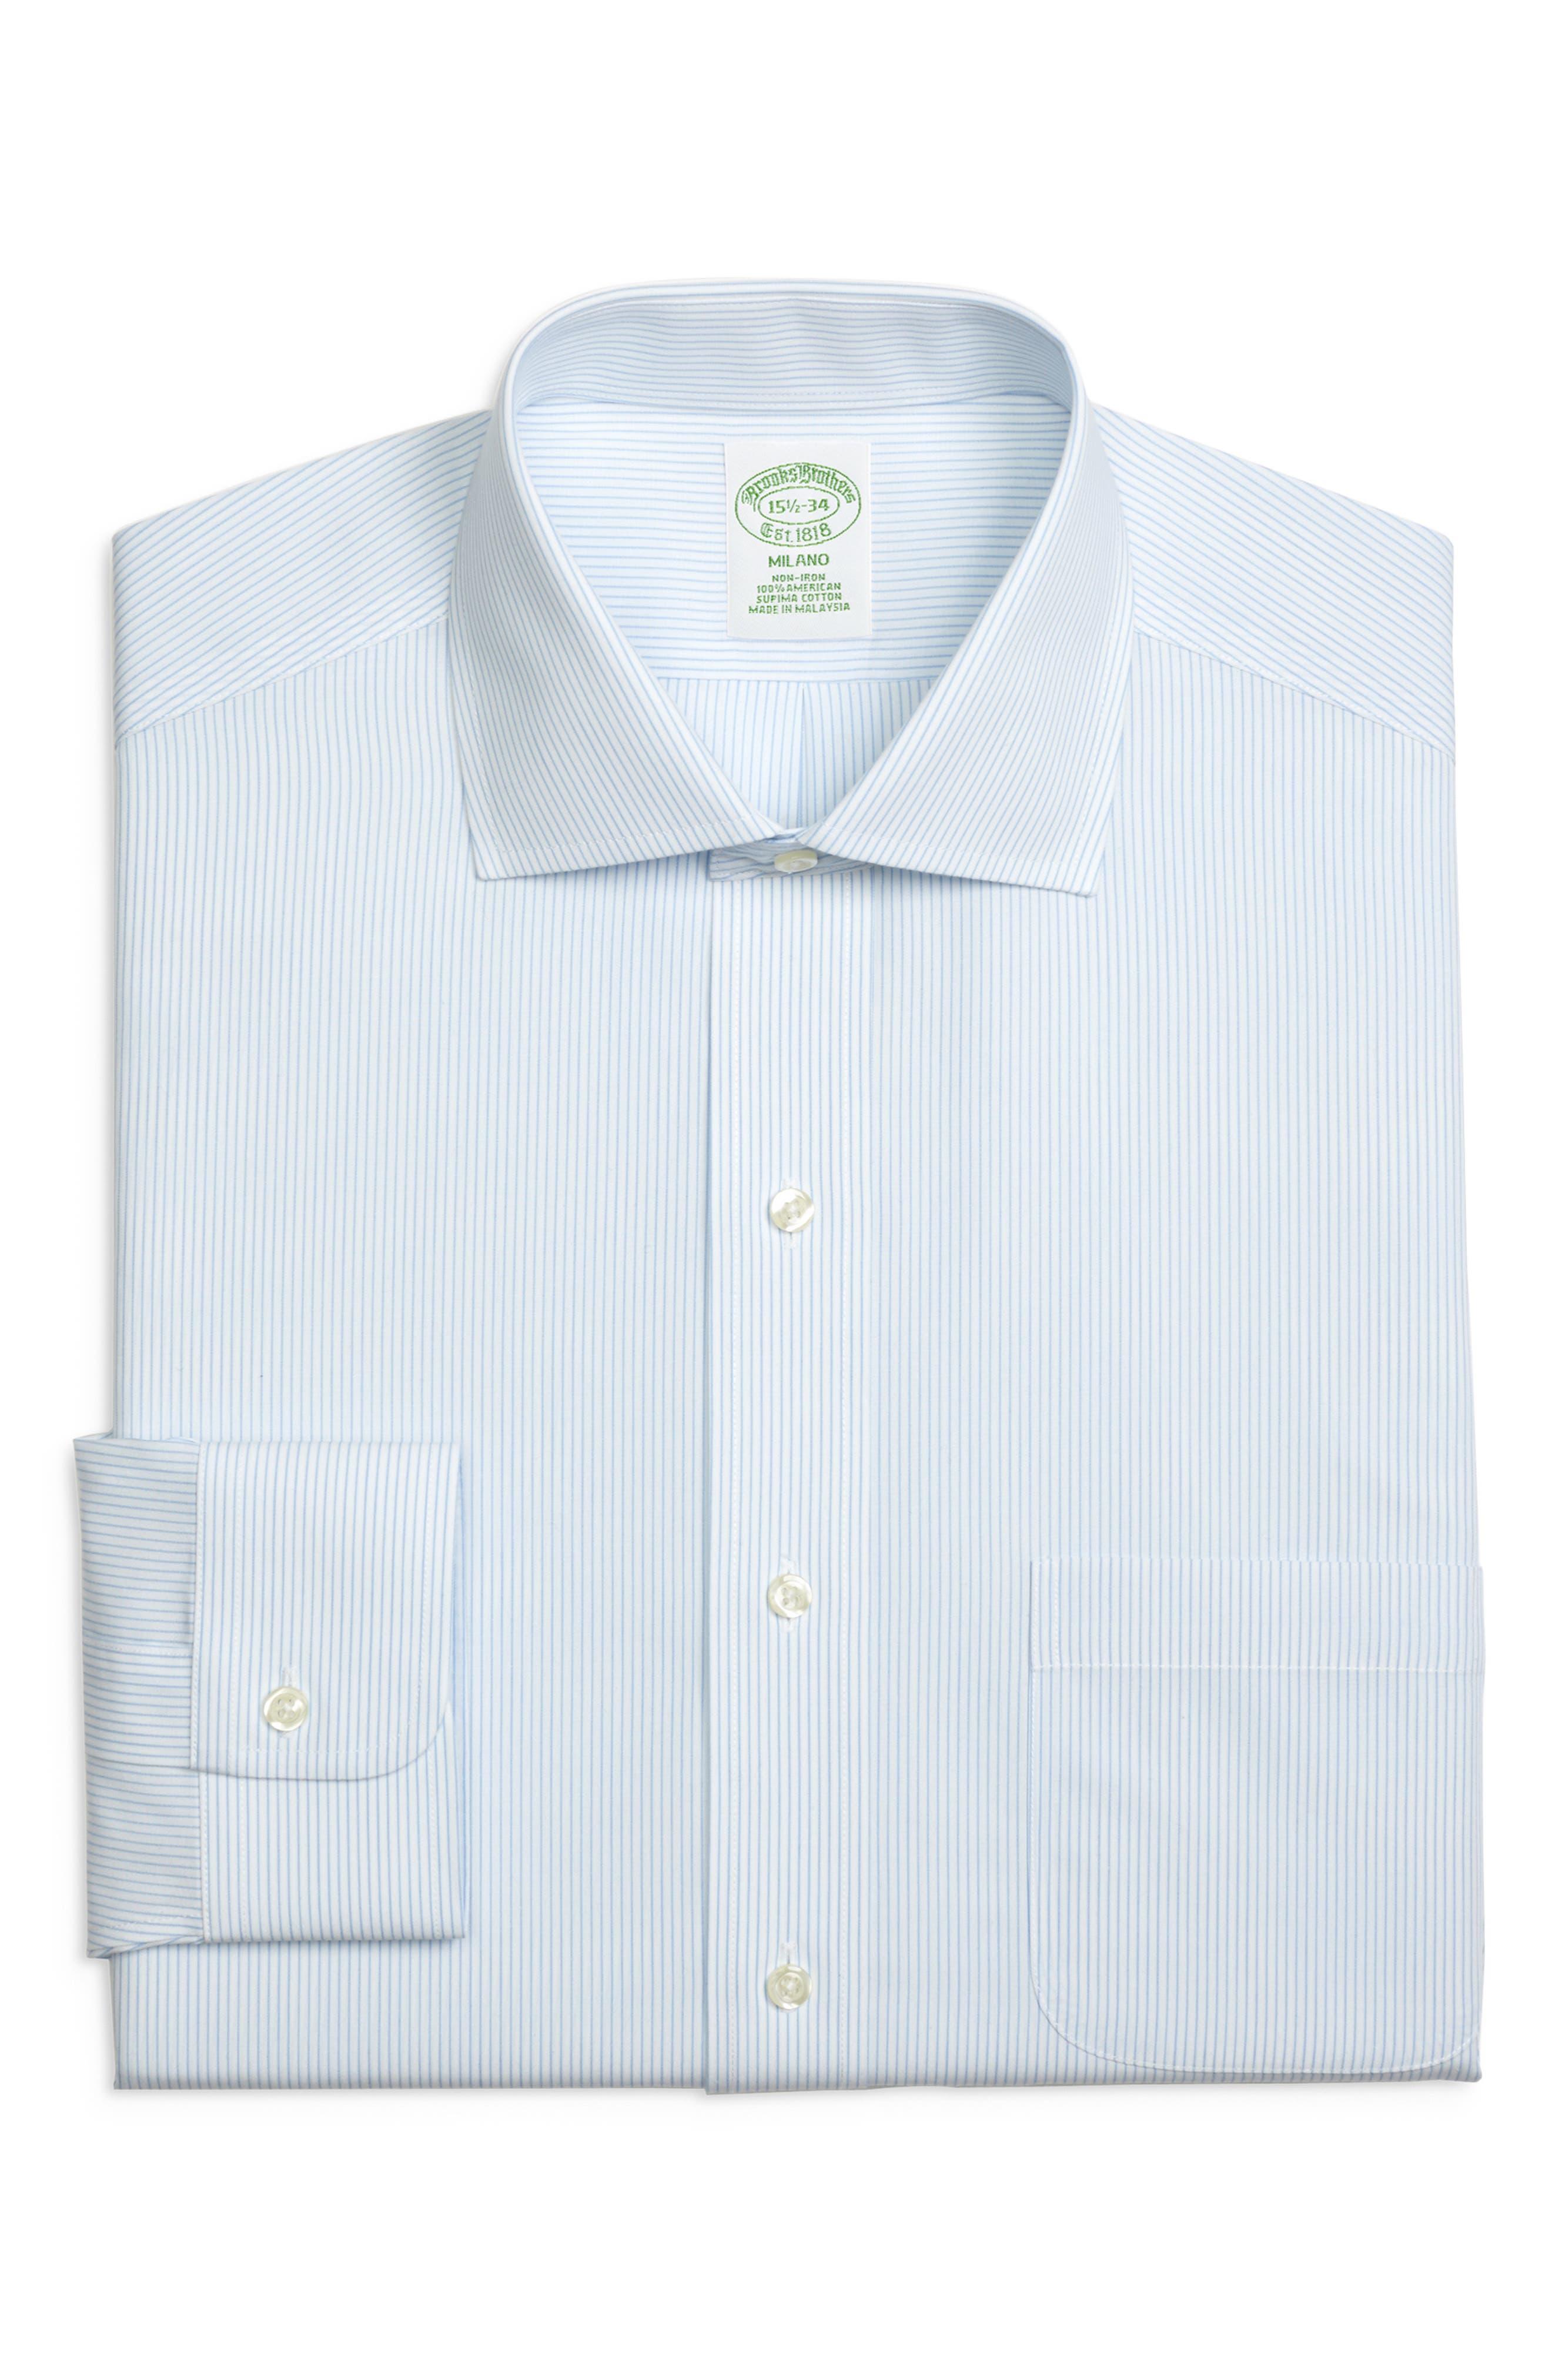 Trim Fit Stripe Dress Shirt,                         Main,                         color, LIGHT/ PASTEL BLUE